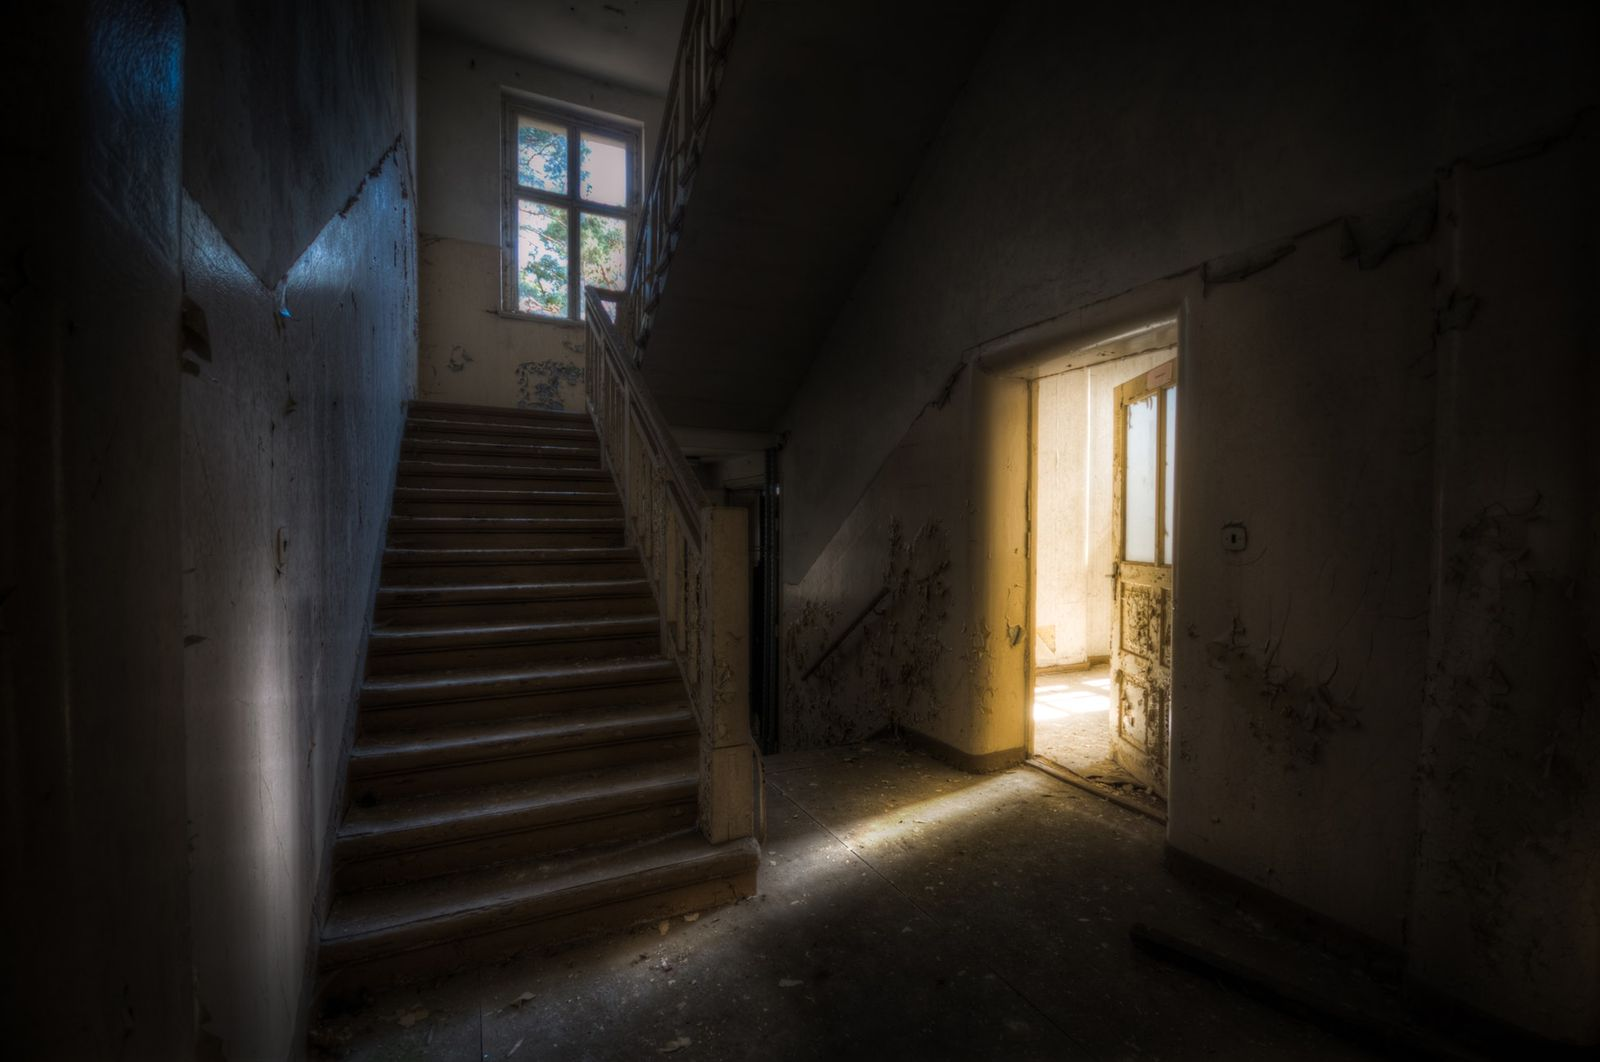 [เรื่องสั้นสามนาที] #วิปริตวิปลาส - กลับบ้านเก่า โดย ธิชา ชัย